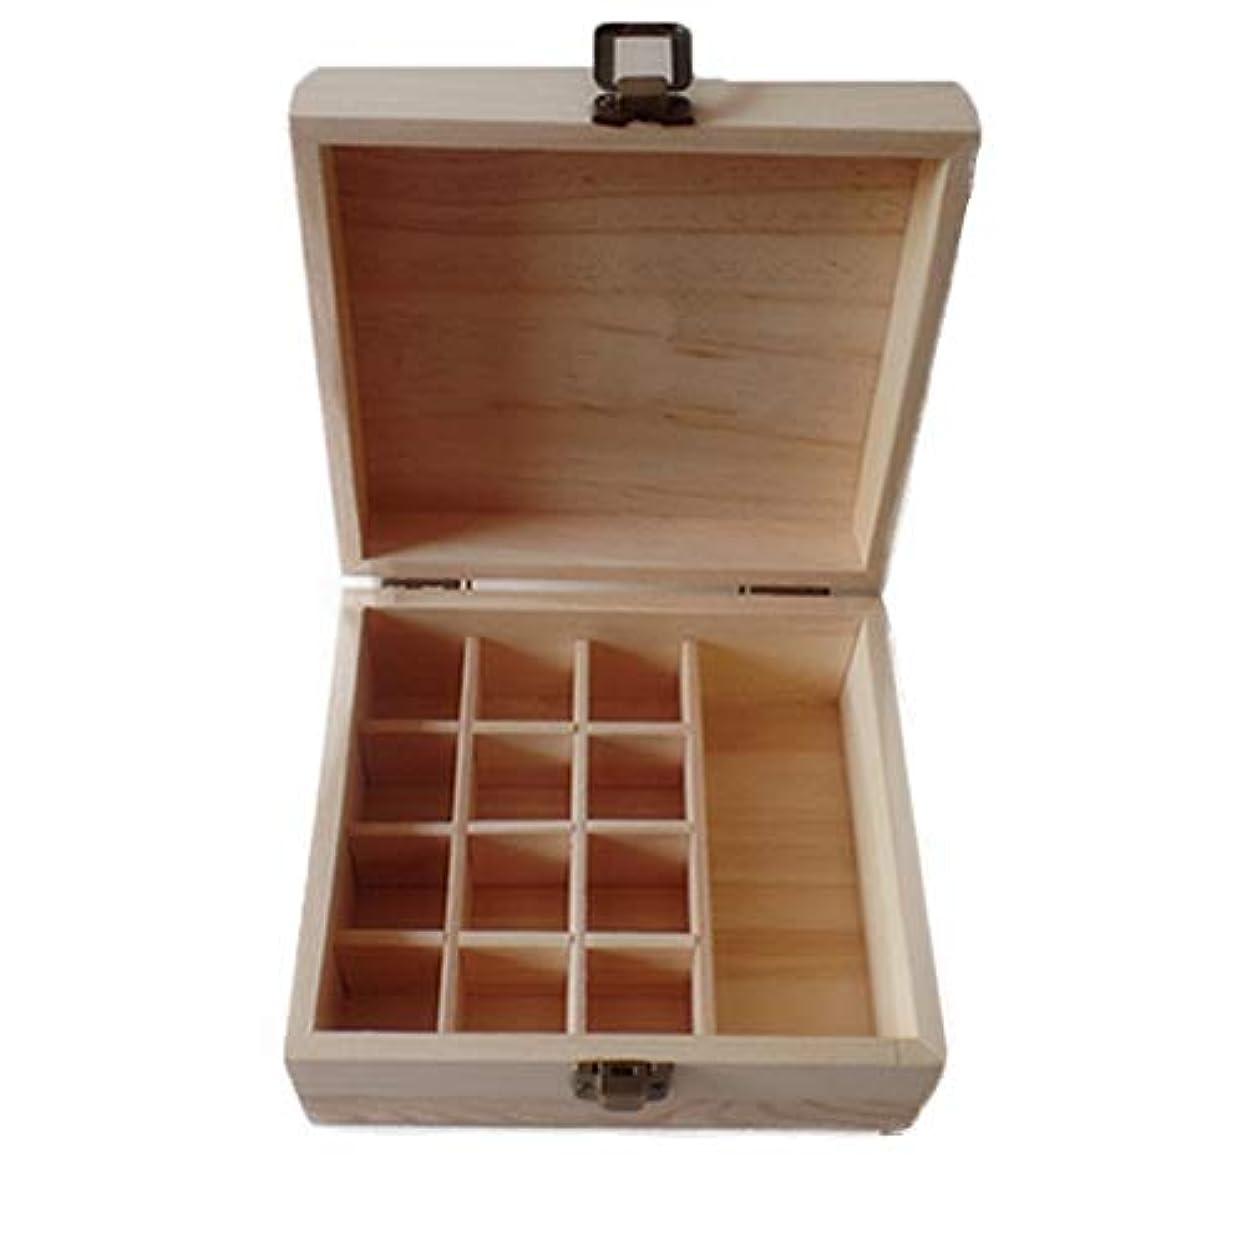 独裁者不正ペイントエッセンシャルオイルの保管 ディスプレイのプレゼンテーションのために完璧な13スロットエッセンシャルオイルストレージ木箱エッセンシャルオイル木製ケース (色 : Natural, サイズ : 15X16.9X8CM)